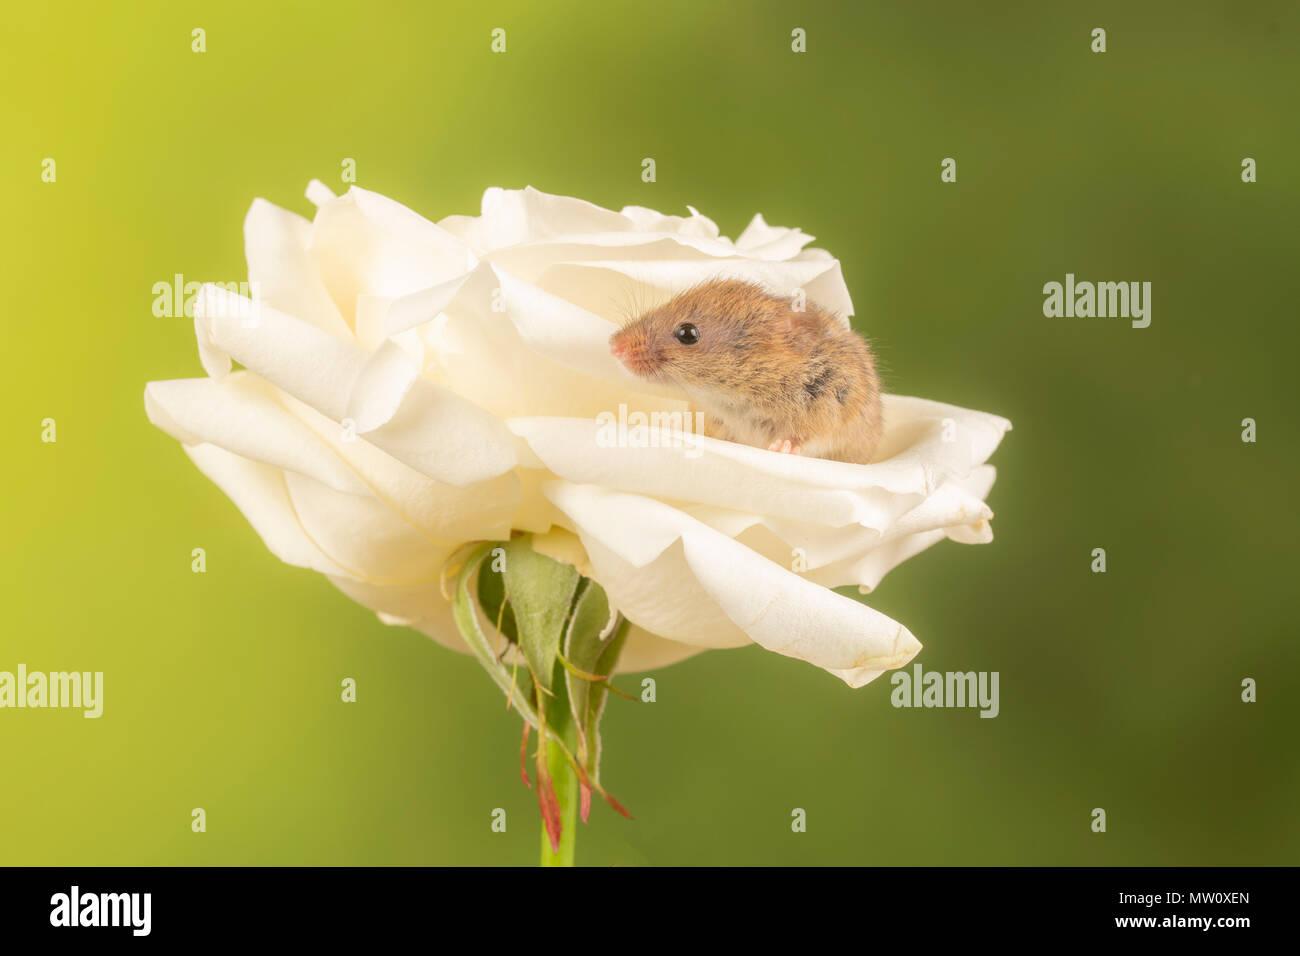 Havest Maus auf eine weiße Rose in einem Studio Hintergrund Stockbild